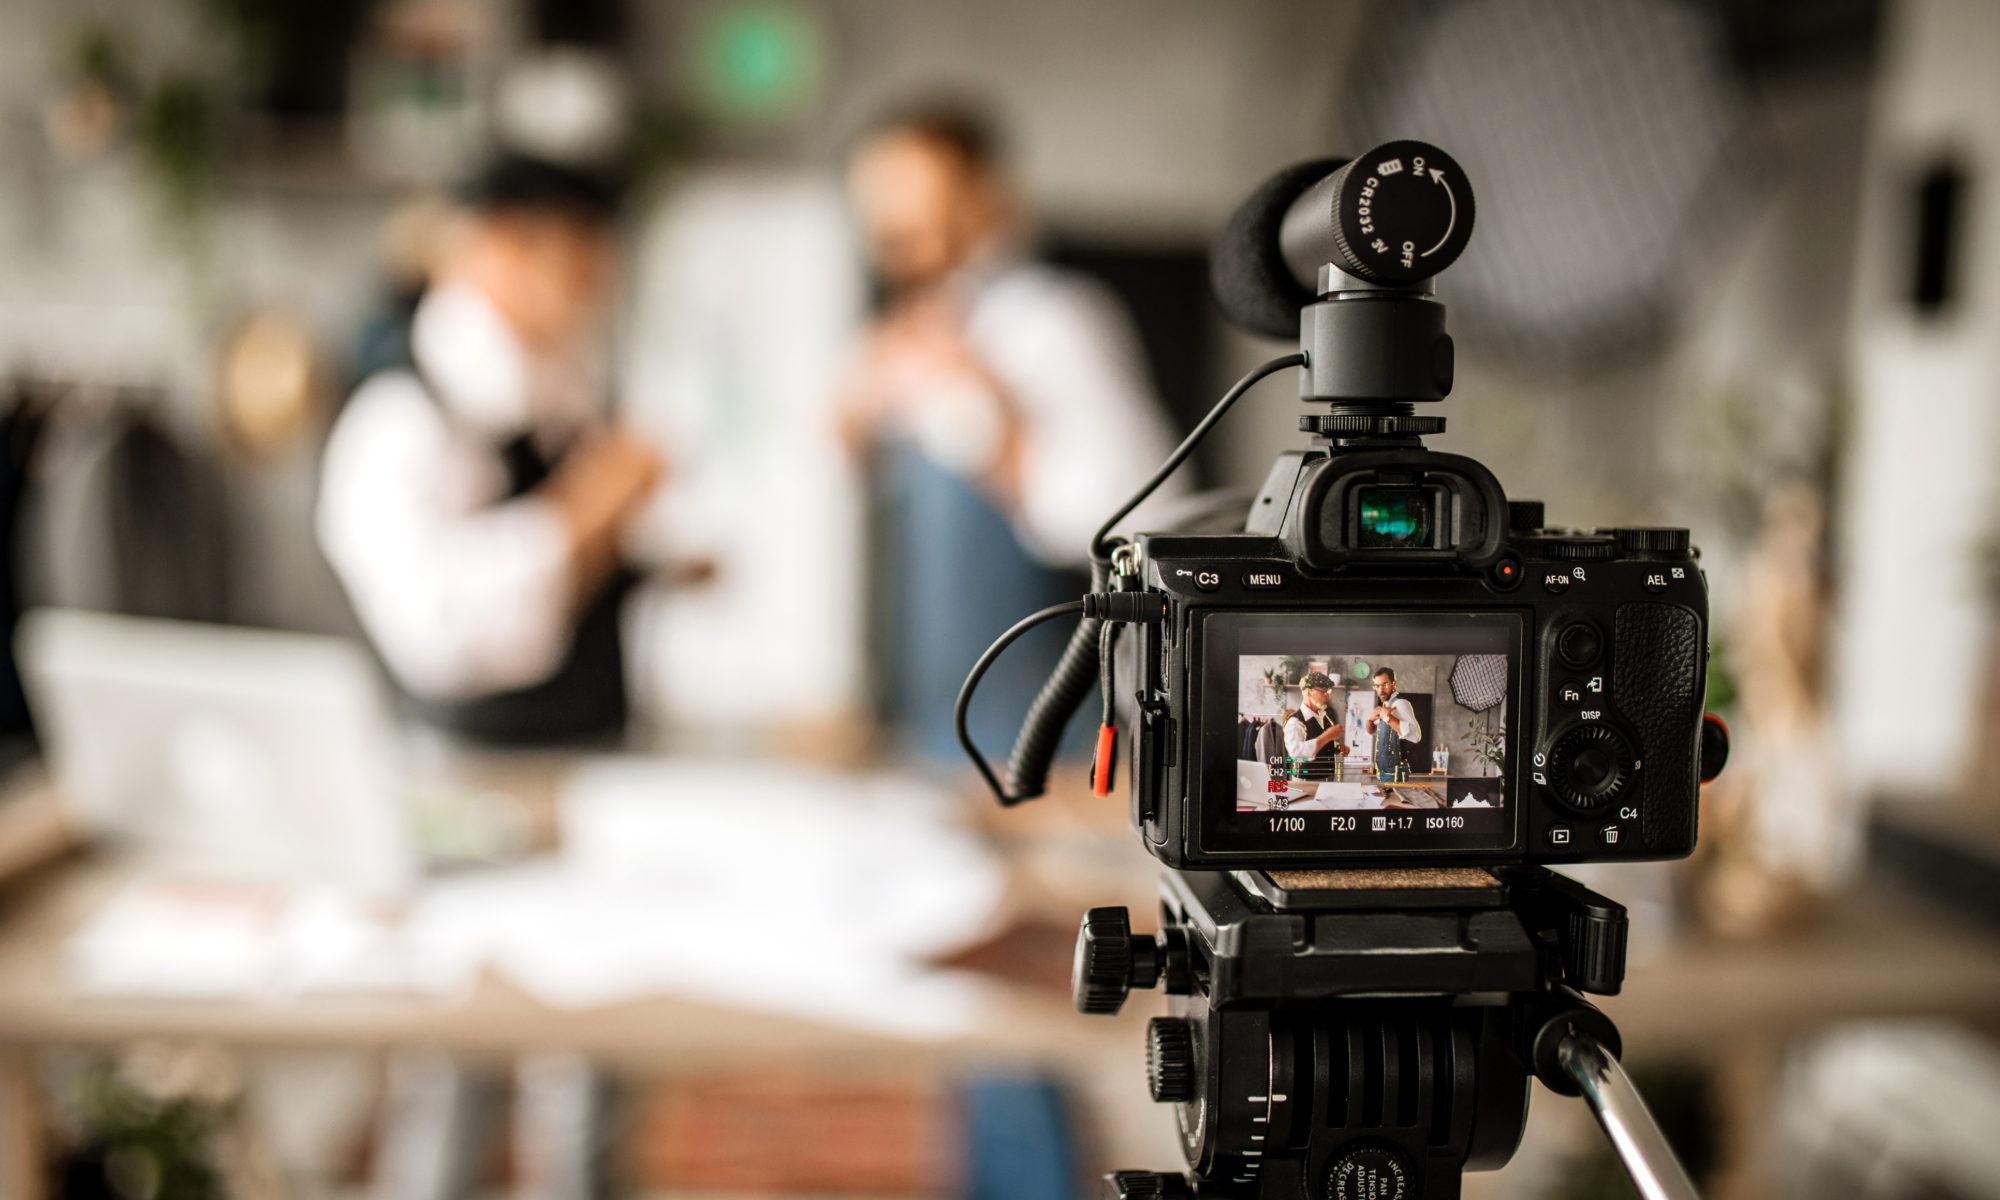 Vidéo d'entreprise : 10 raisons de l'inclure dans votre stratégie de communication